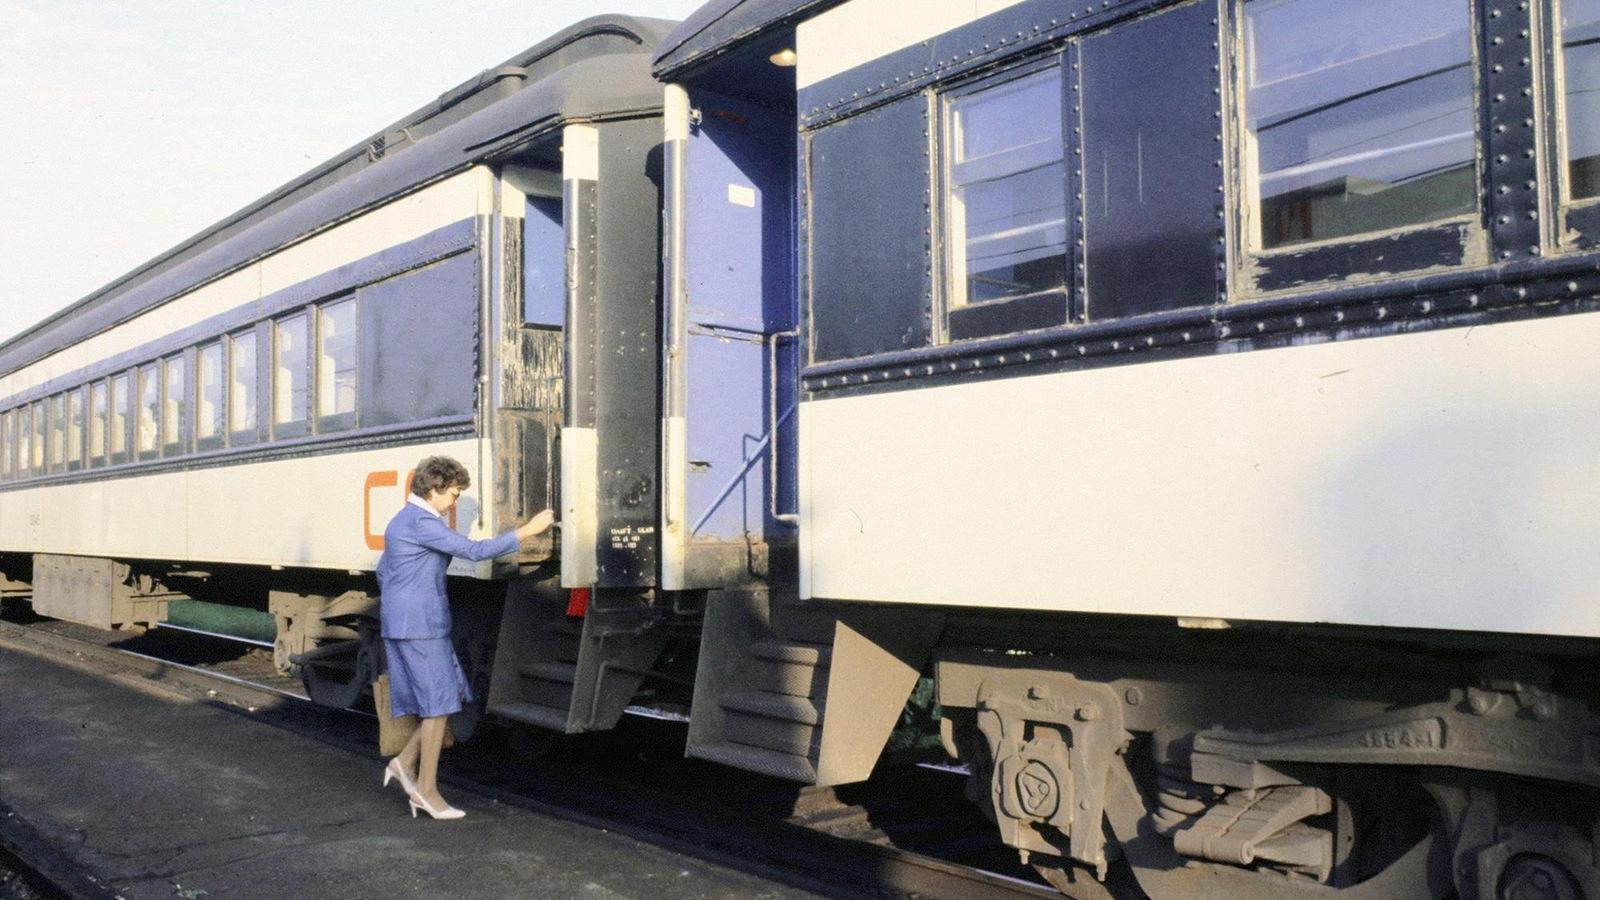 Une femme monte dans un train.